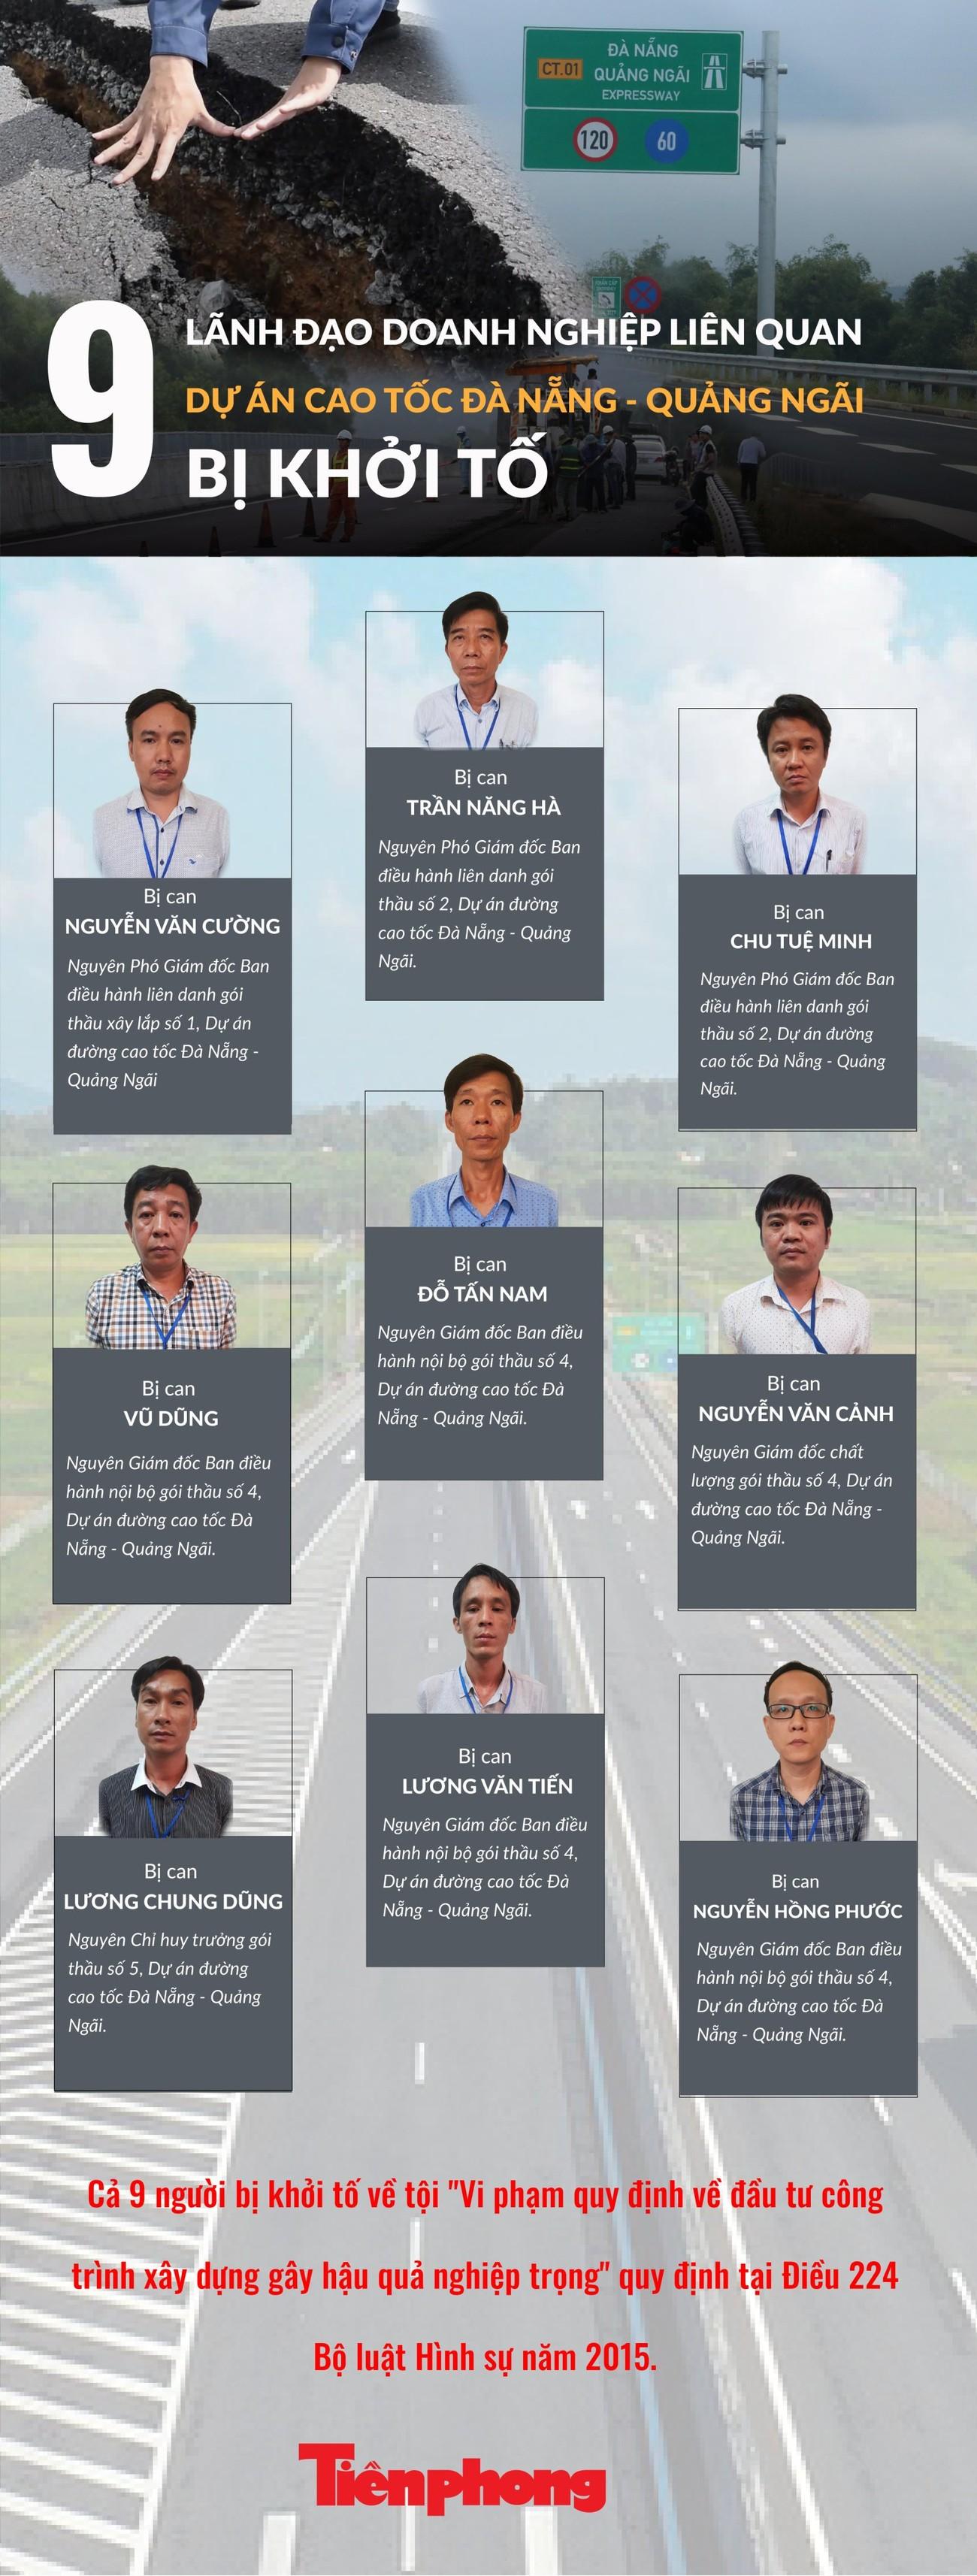 9 lãnh đạo doanh nghiệp liên quan đến cao tốc Đà Nẵng - Quảng Ngãi vừa bị khởi tố là ai? ảnh 1